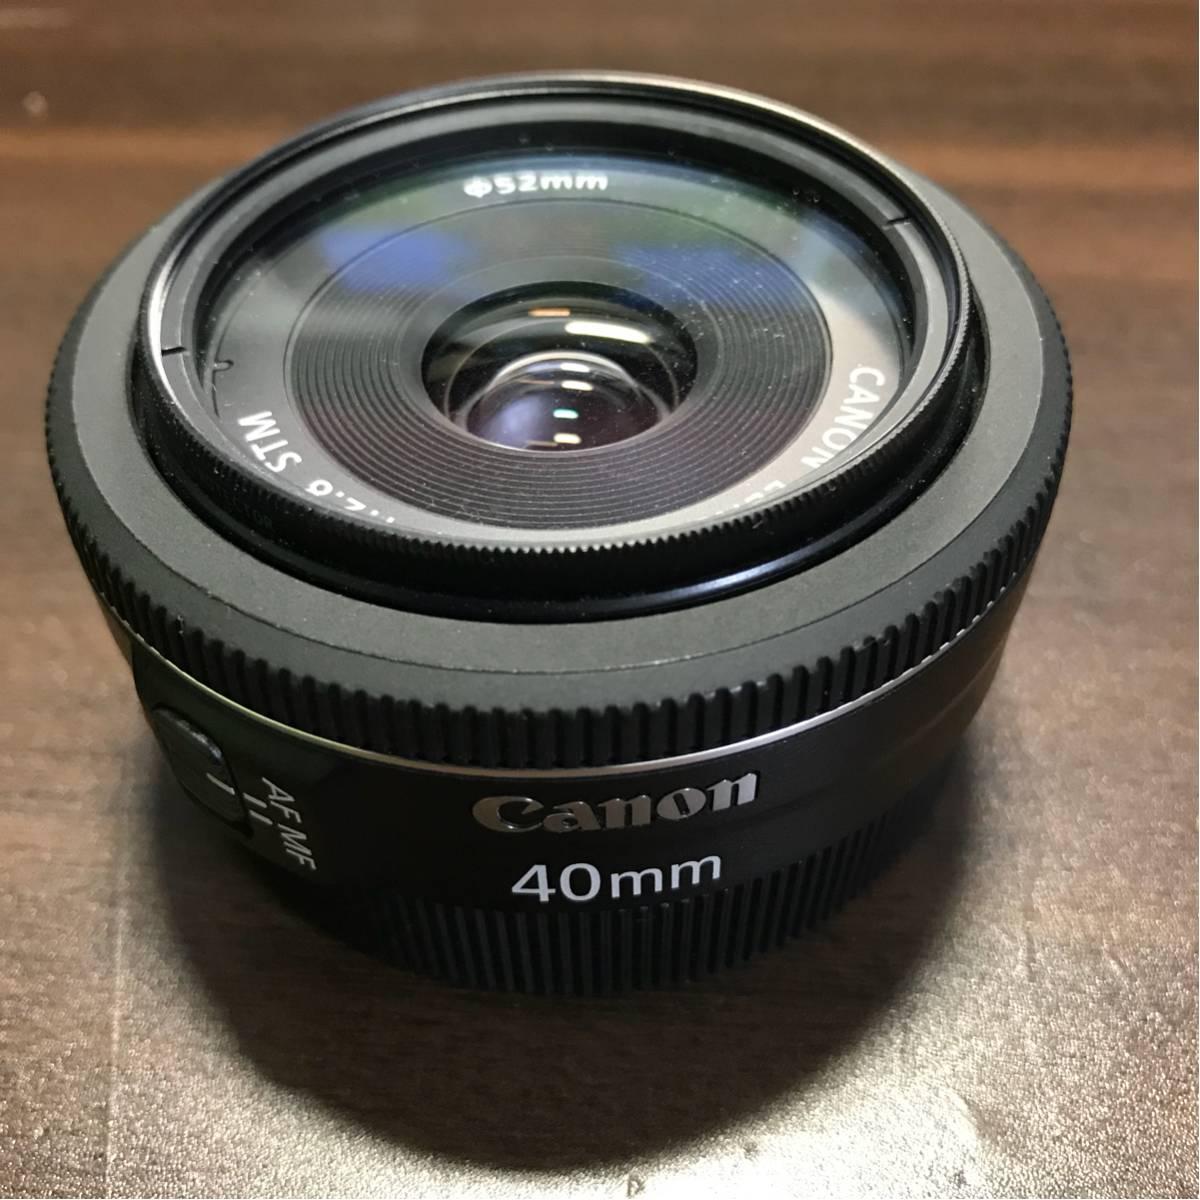 EF40mm F2.8 STM フルサイズ対応